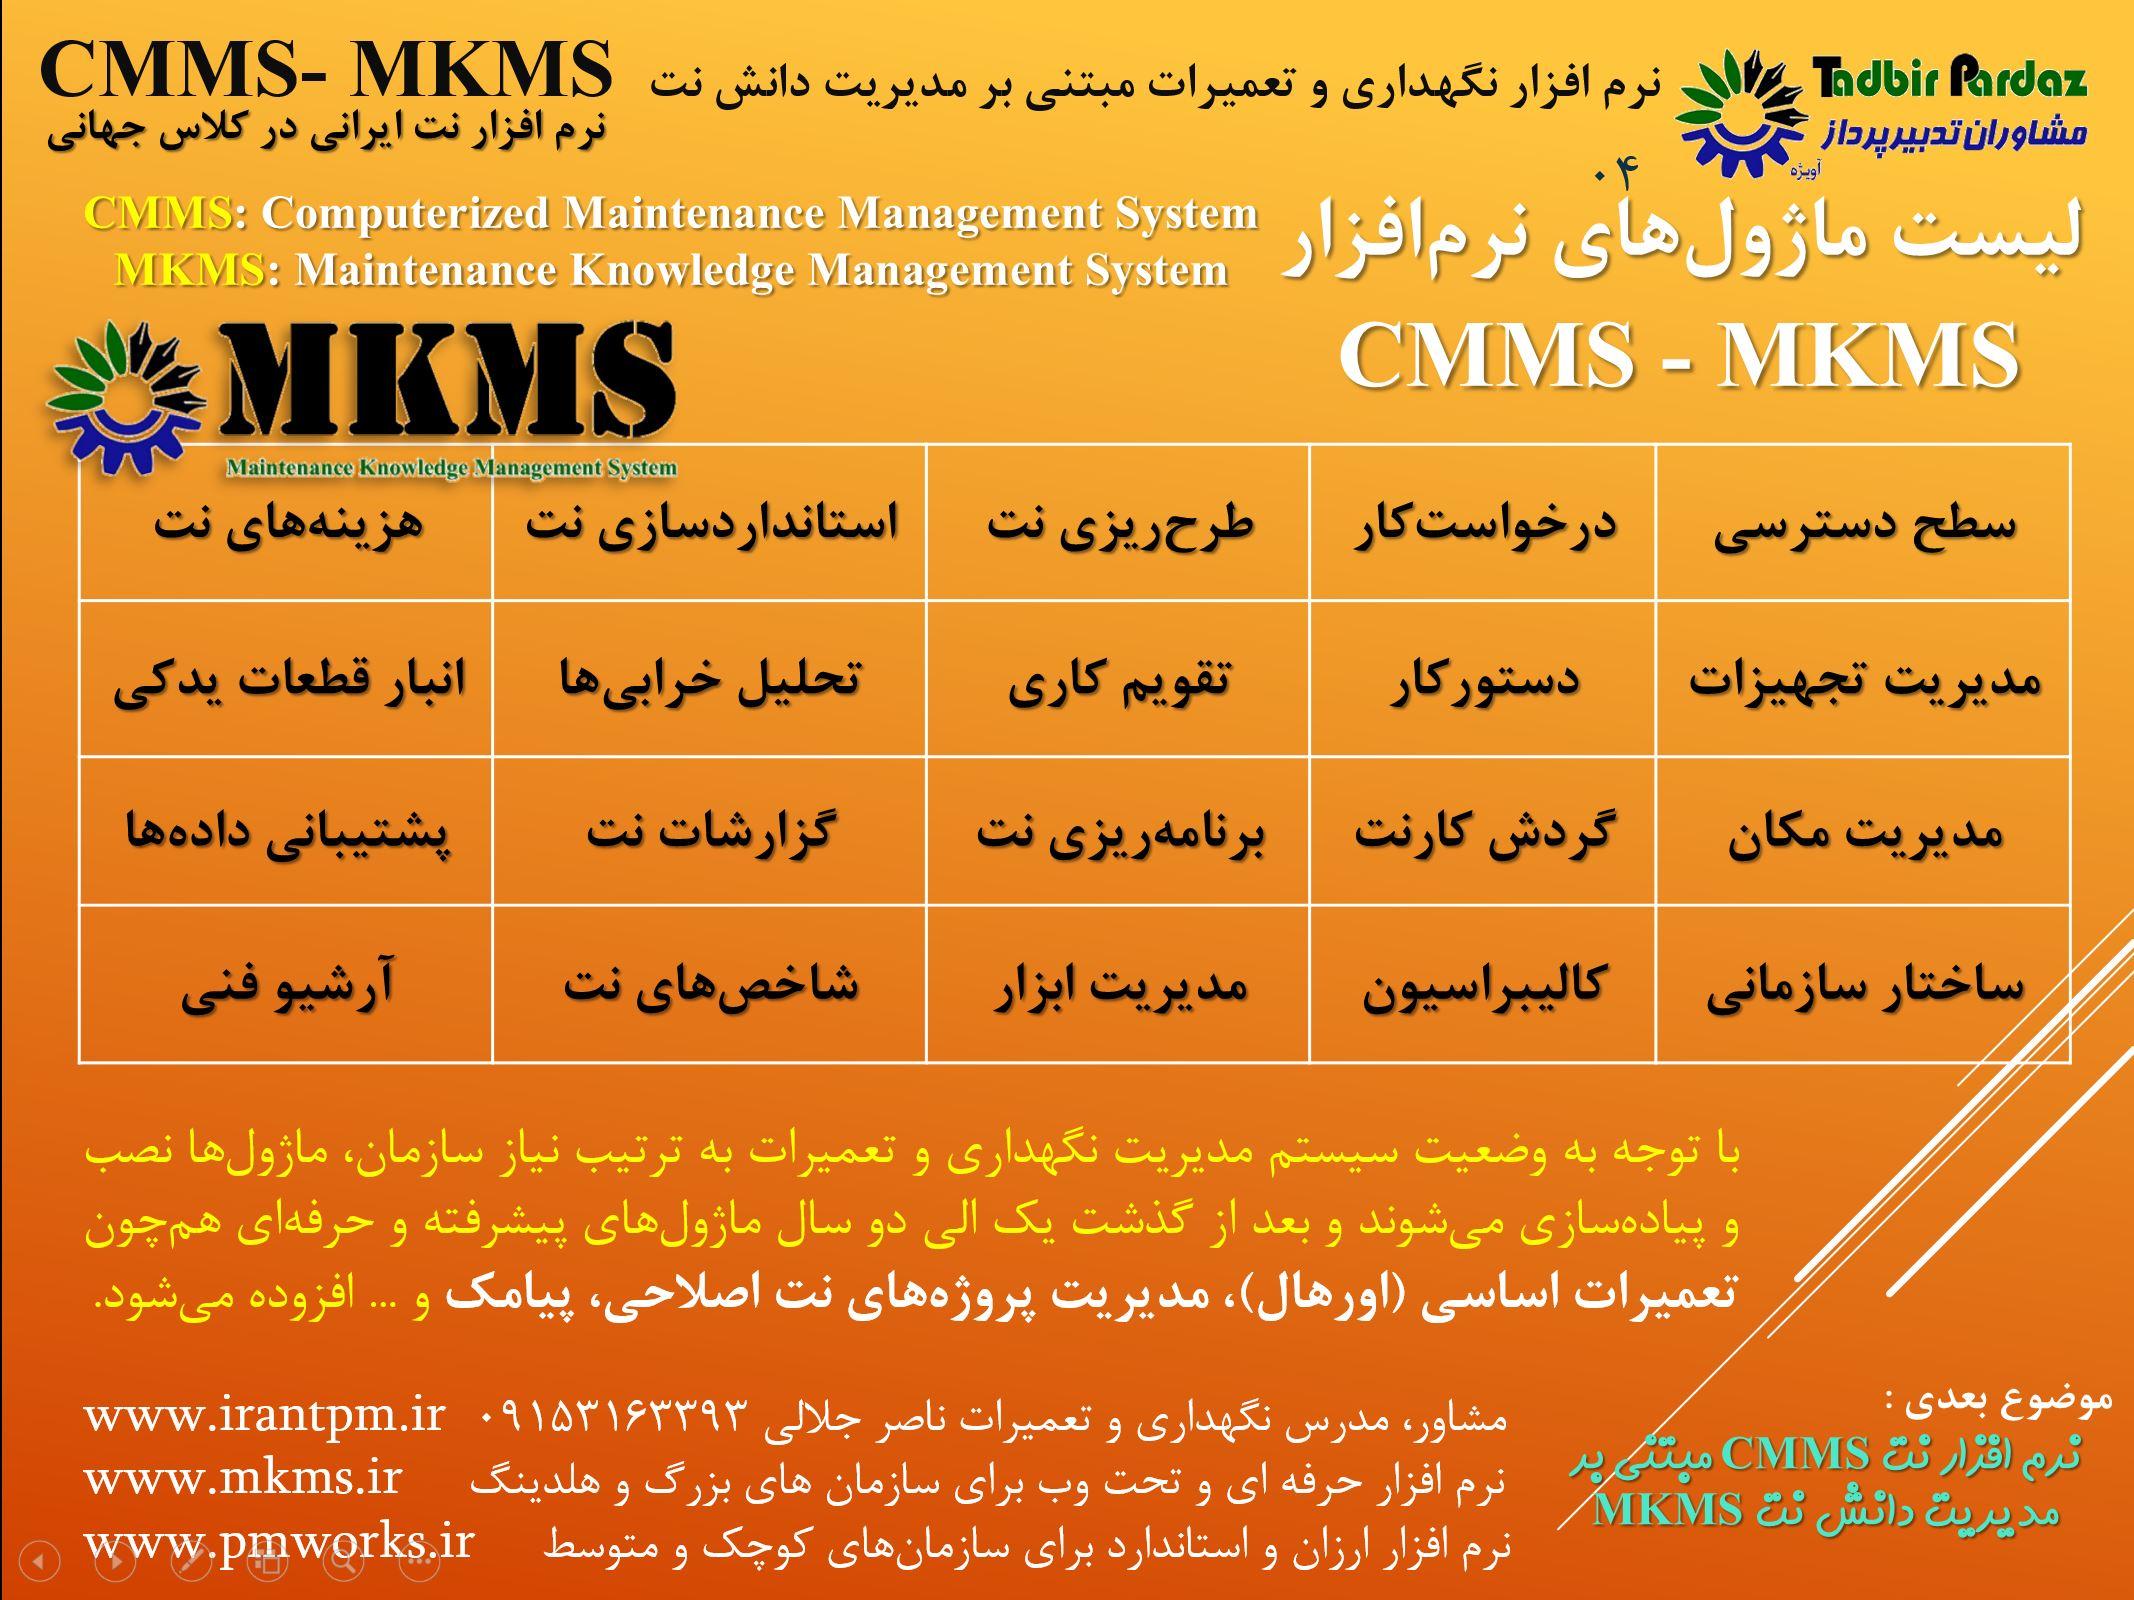 CMMS 05 MKMS Jalali  09153163393